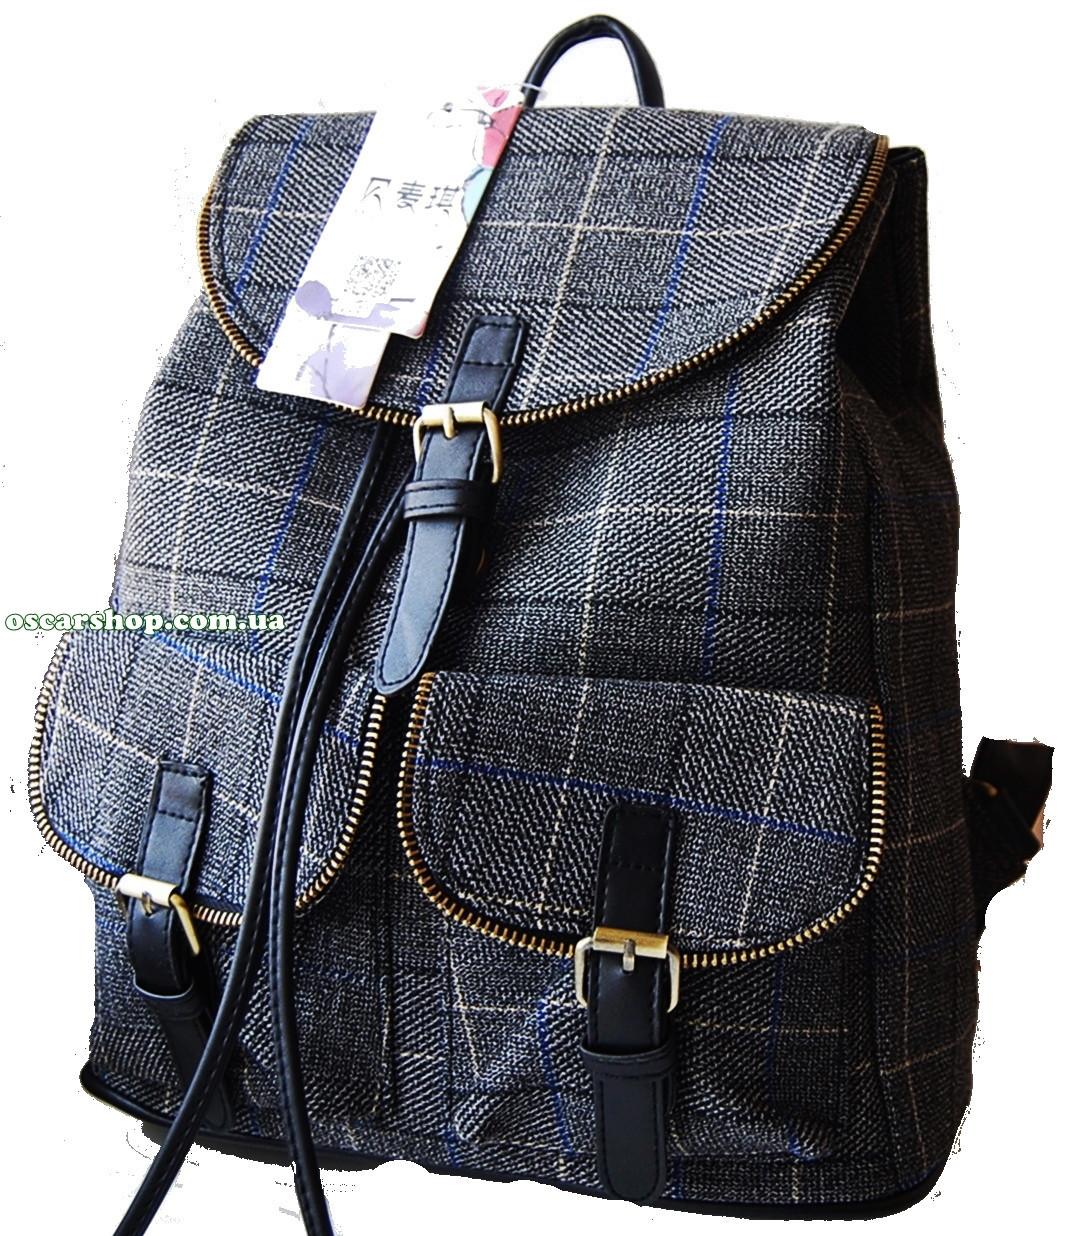 d55b537b08ce СР301, фото 3 Сумка портфель в клетку шотландка. Женский рюкзак стильный  супер качество!